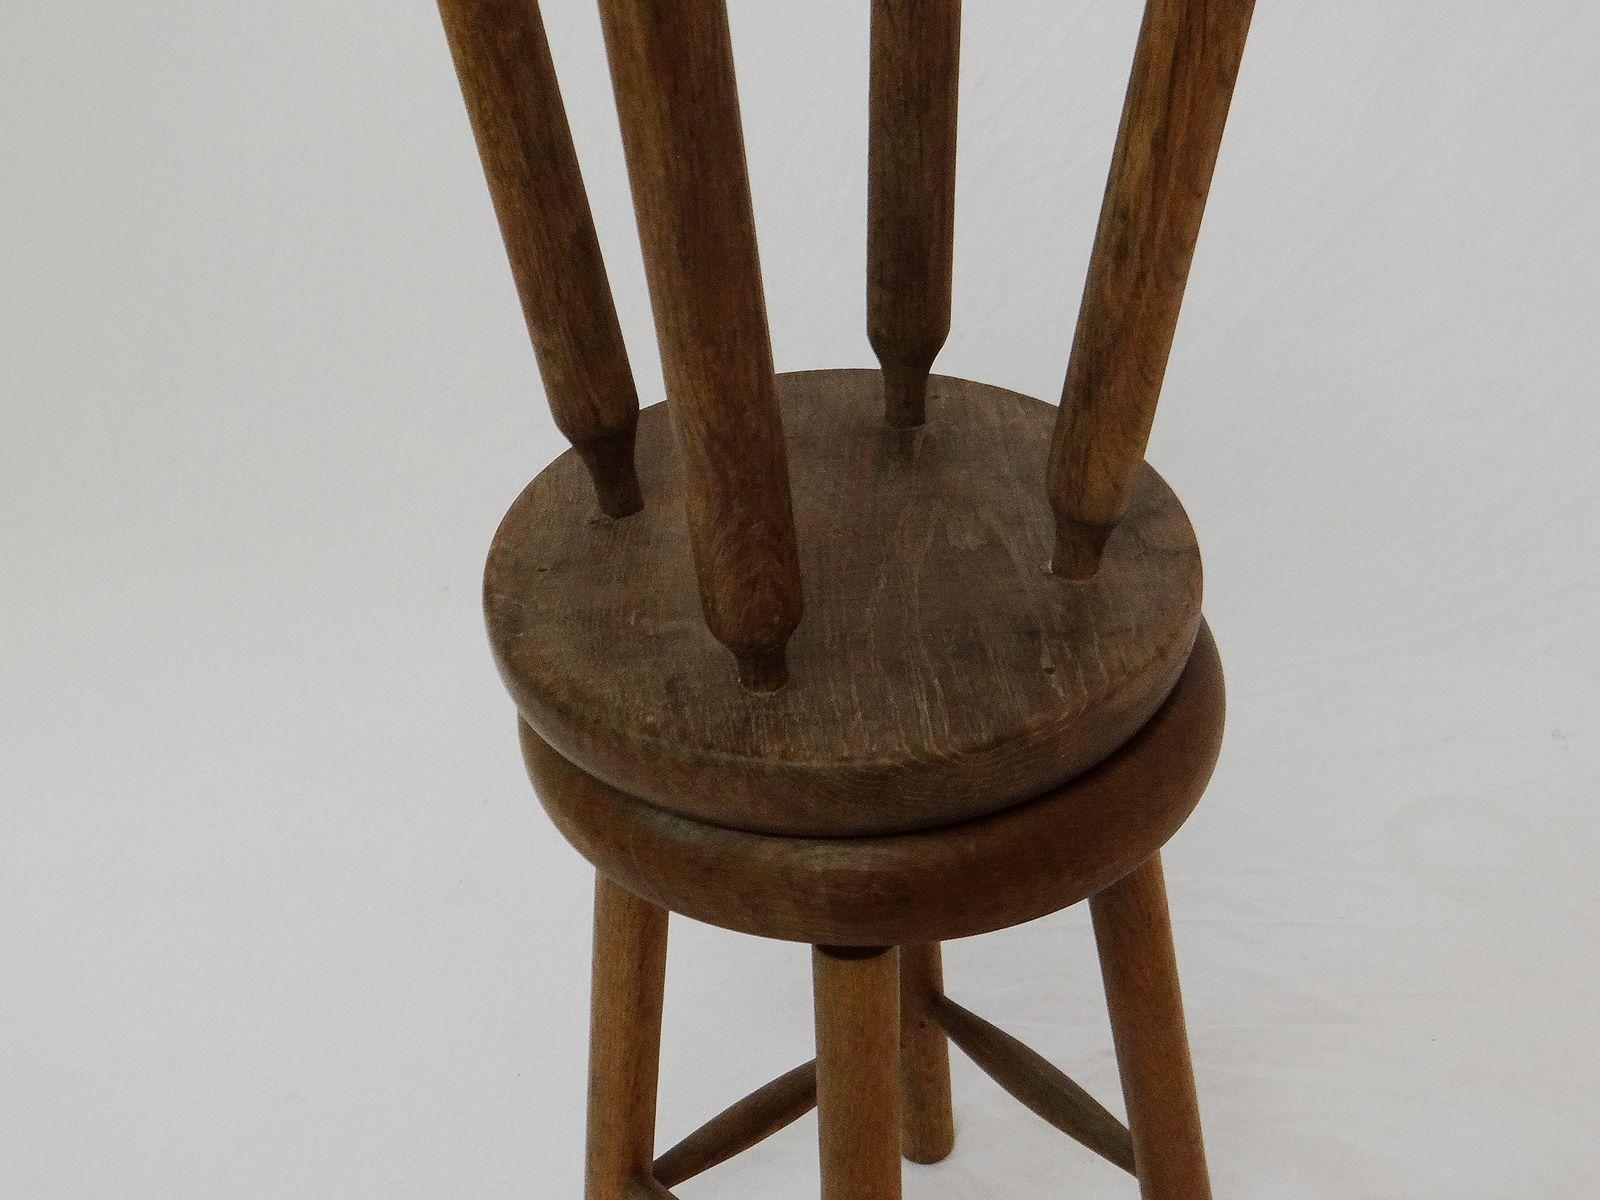 Sgabelli vintage in legno di noce set di 2 in vendita su pamono